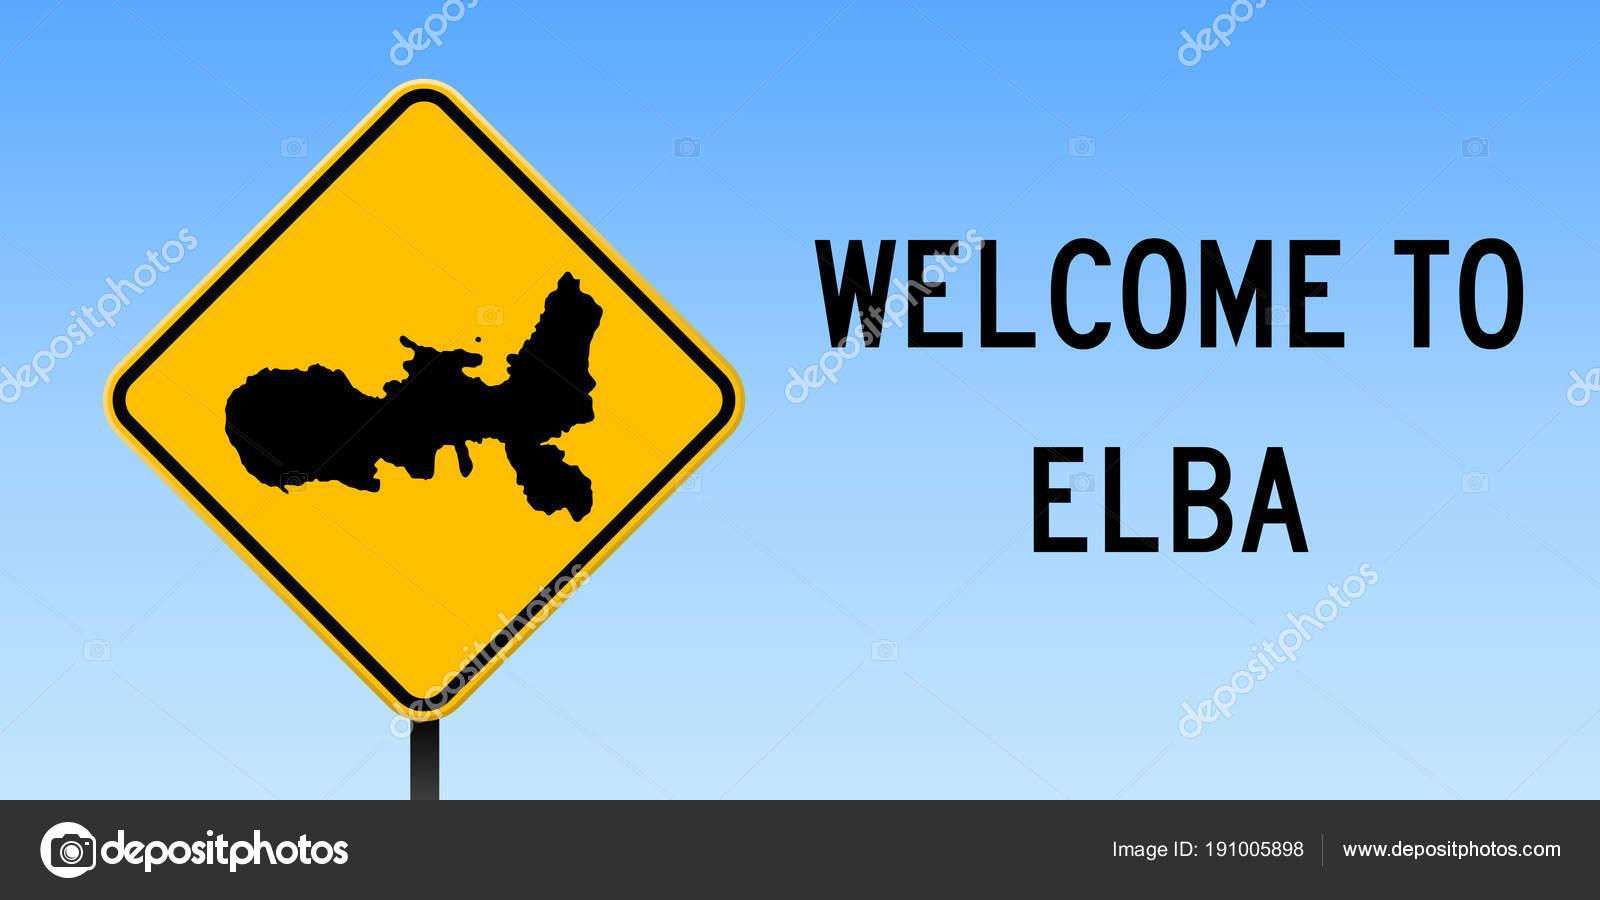 Elba Karte.Elba Karte Auf Straße Zeichen Große Poster Mit Karte Der Insel Elba